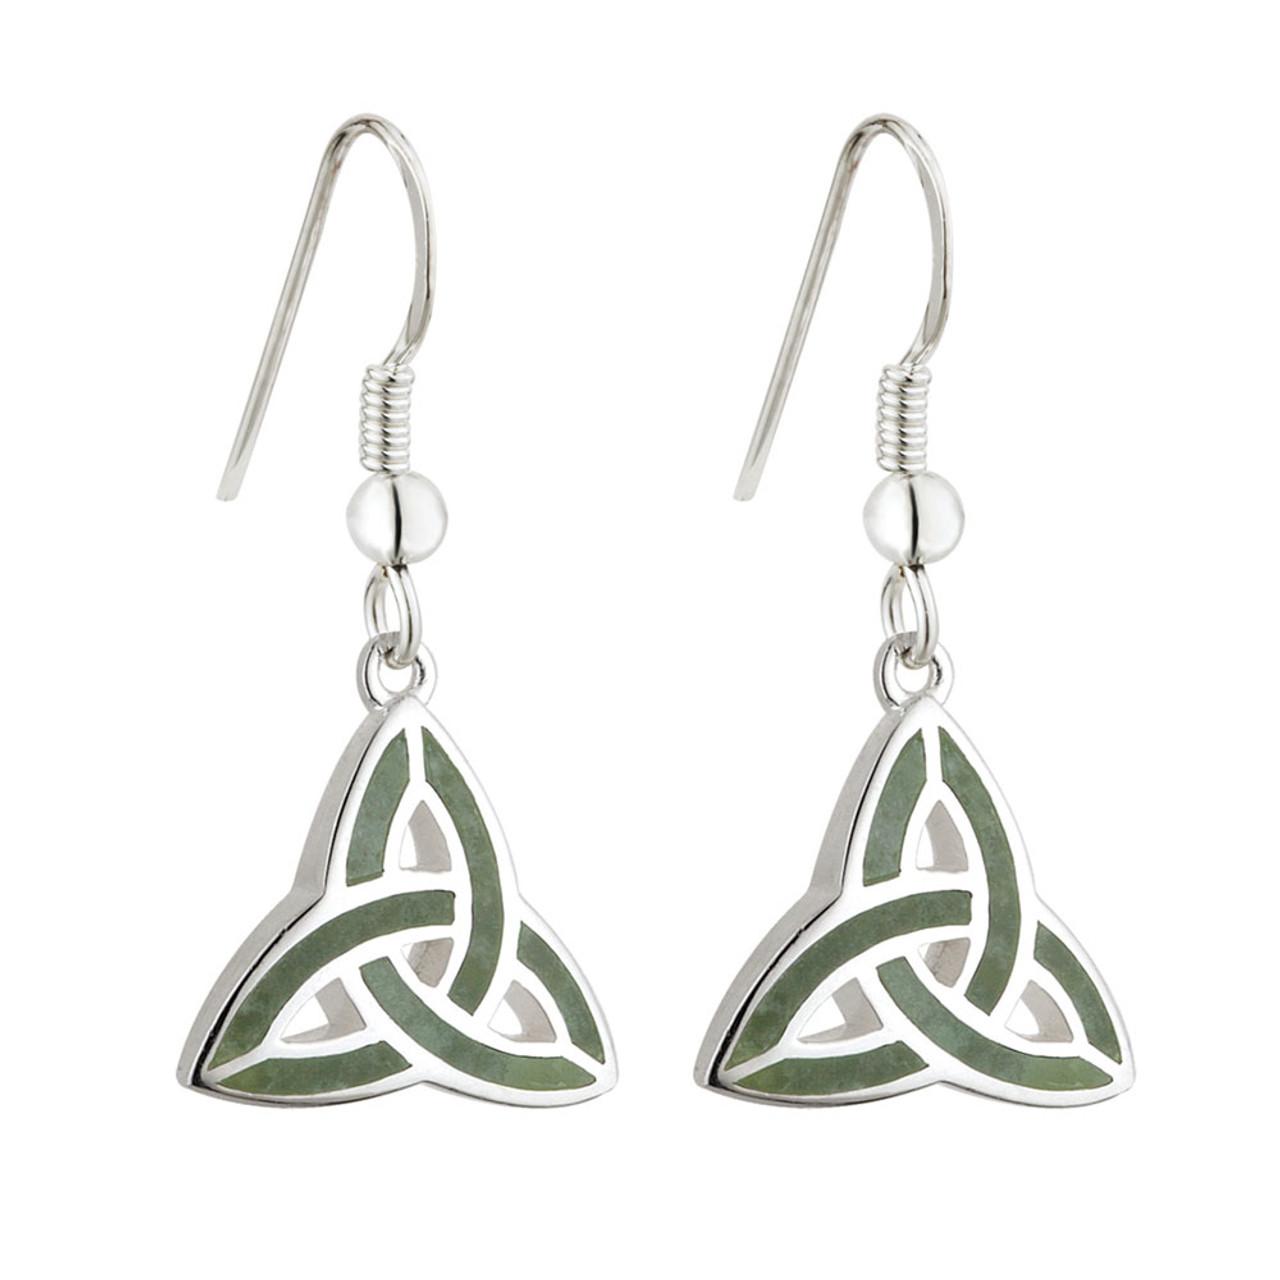 Celtic Connemara Trinity Knot Drop Earrings in Sterling Silver